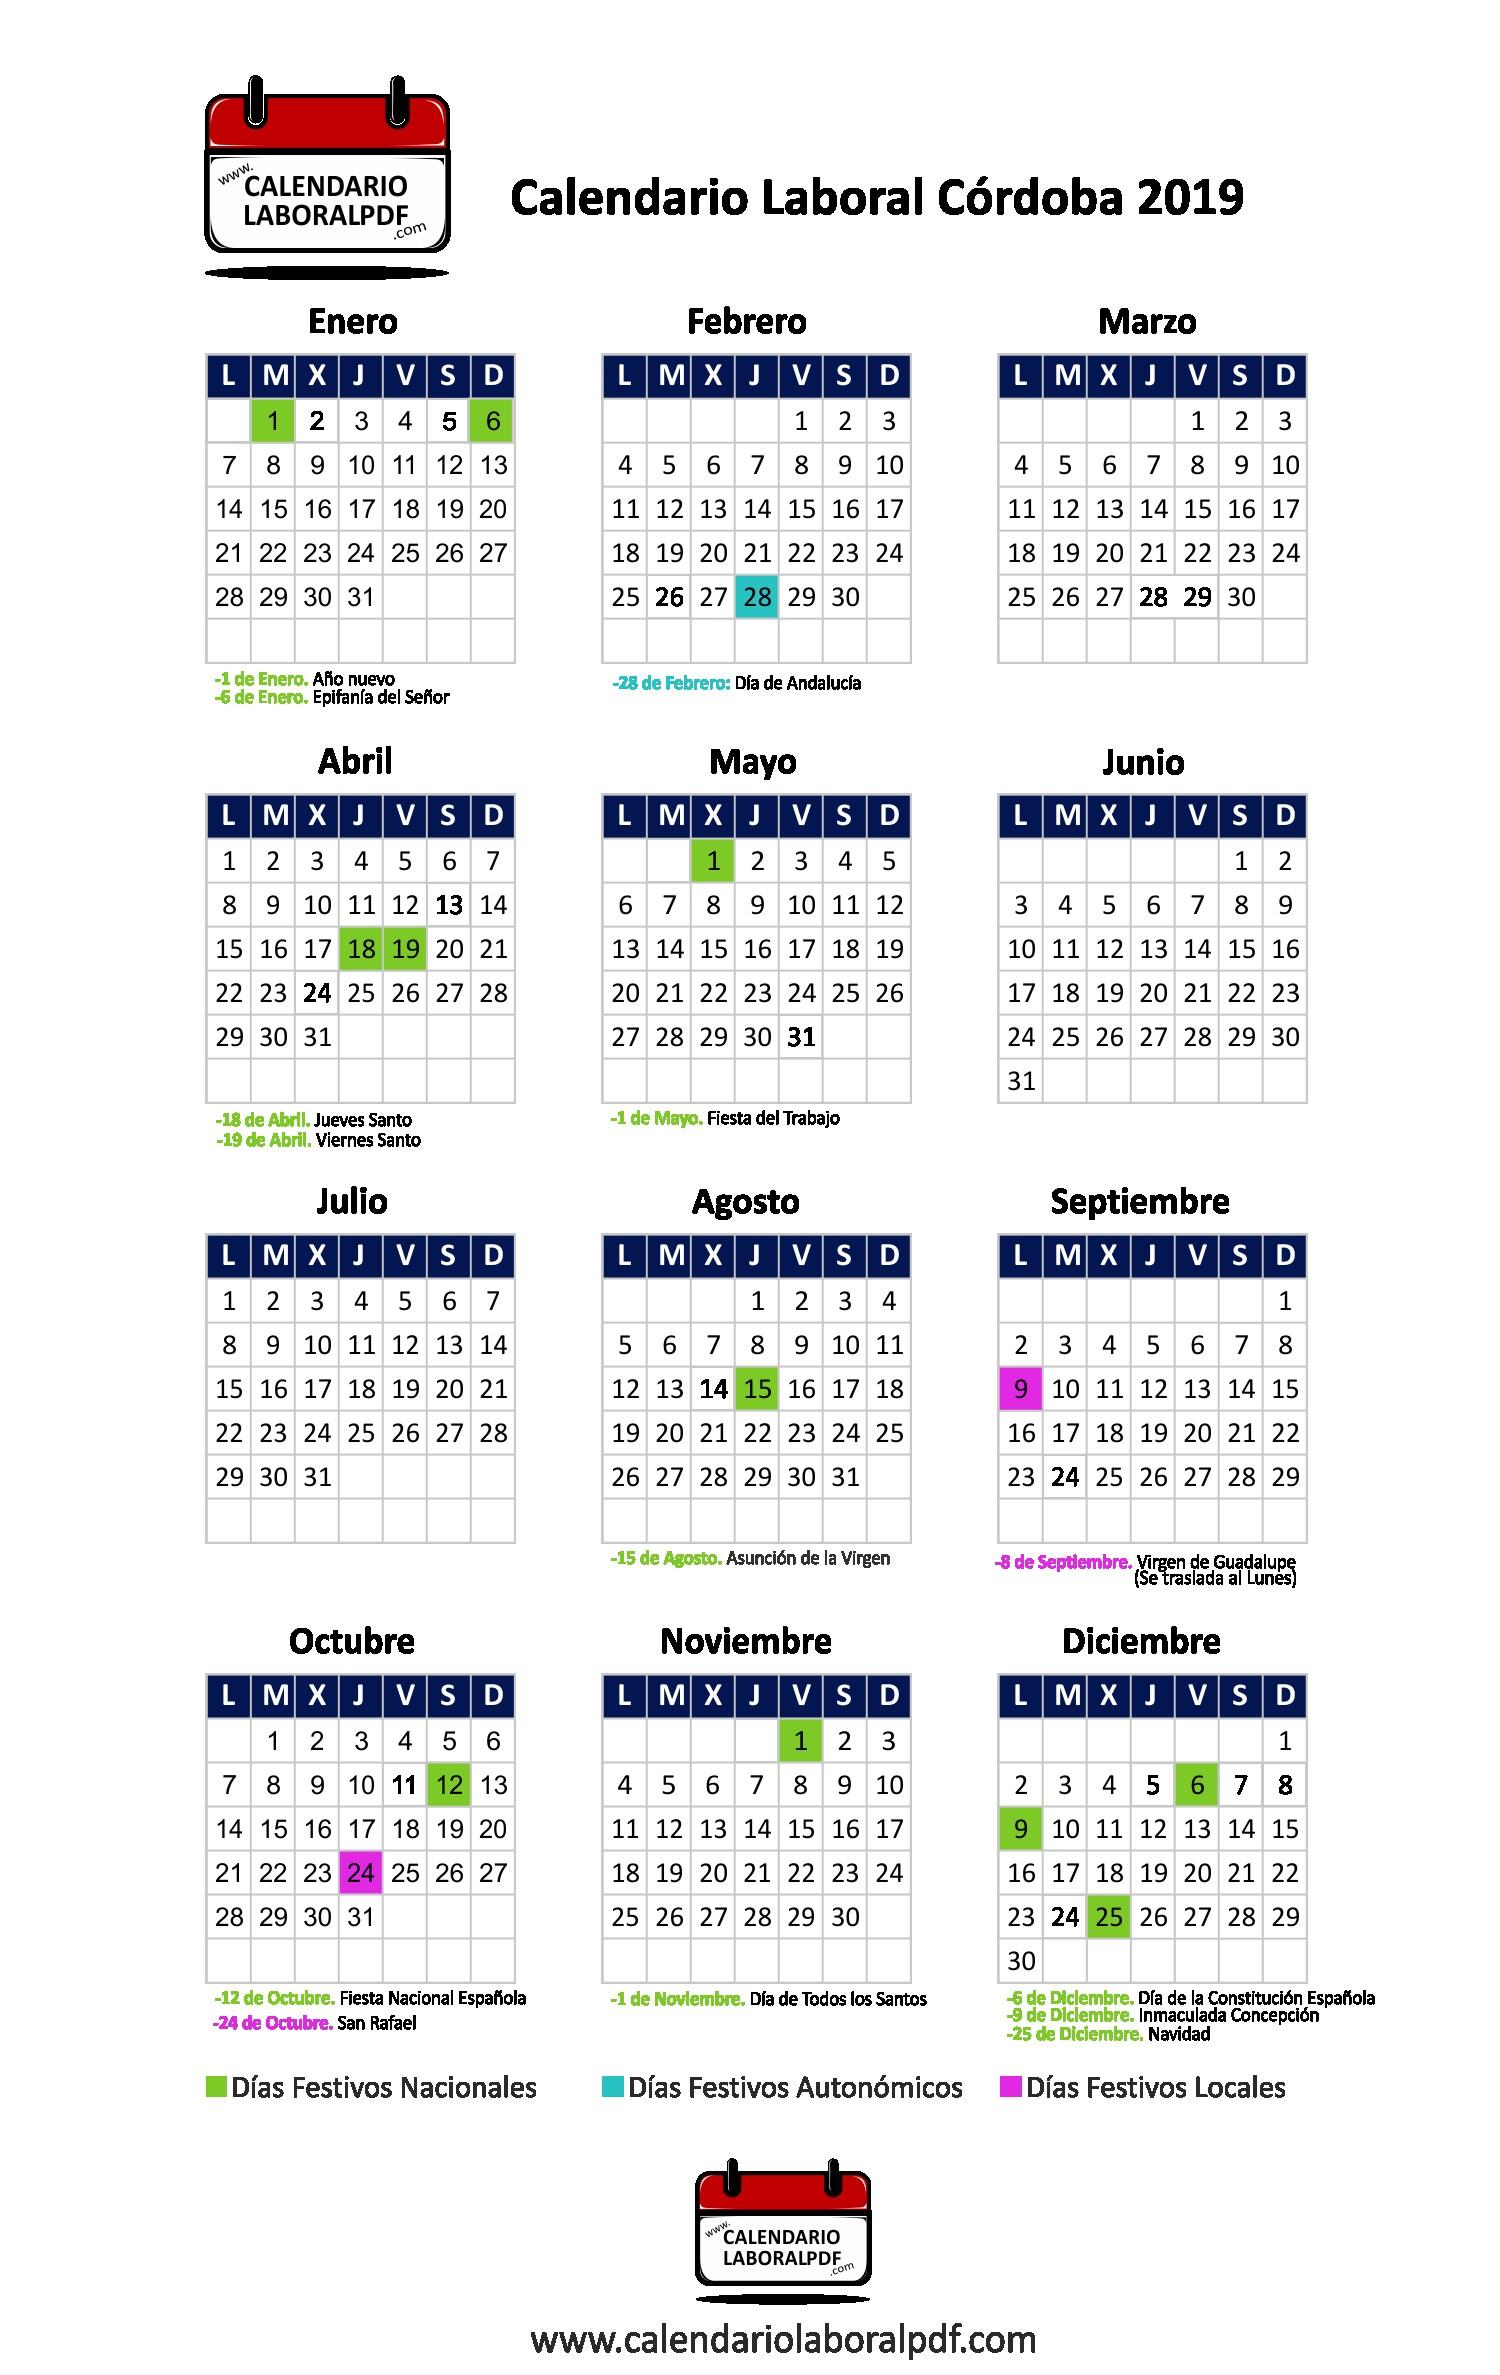 """Calendario Festivos 2019 Granada Más Populares Calendario Laboral C""""rdoba 2019 ▷ ¡descárgalo Gratis Of Calendario Festivos 2019 Granada Más Reciente Sin Categora Puerto Sherry"""